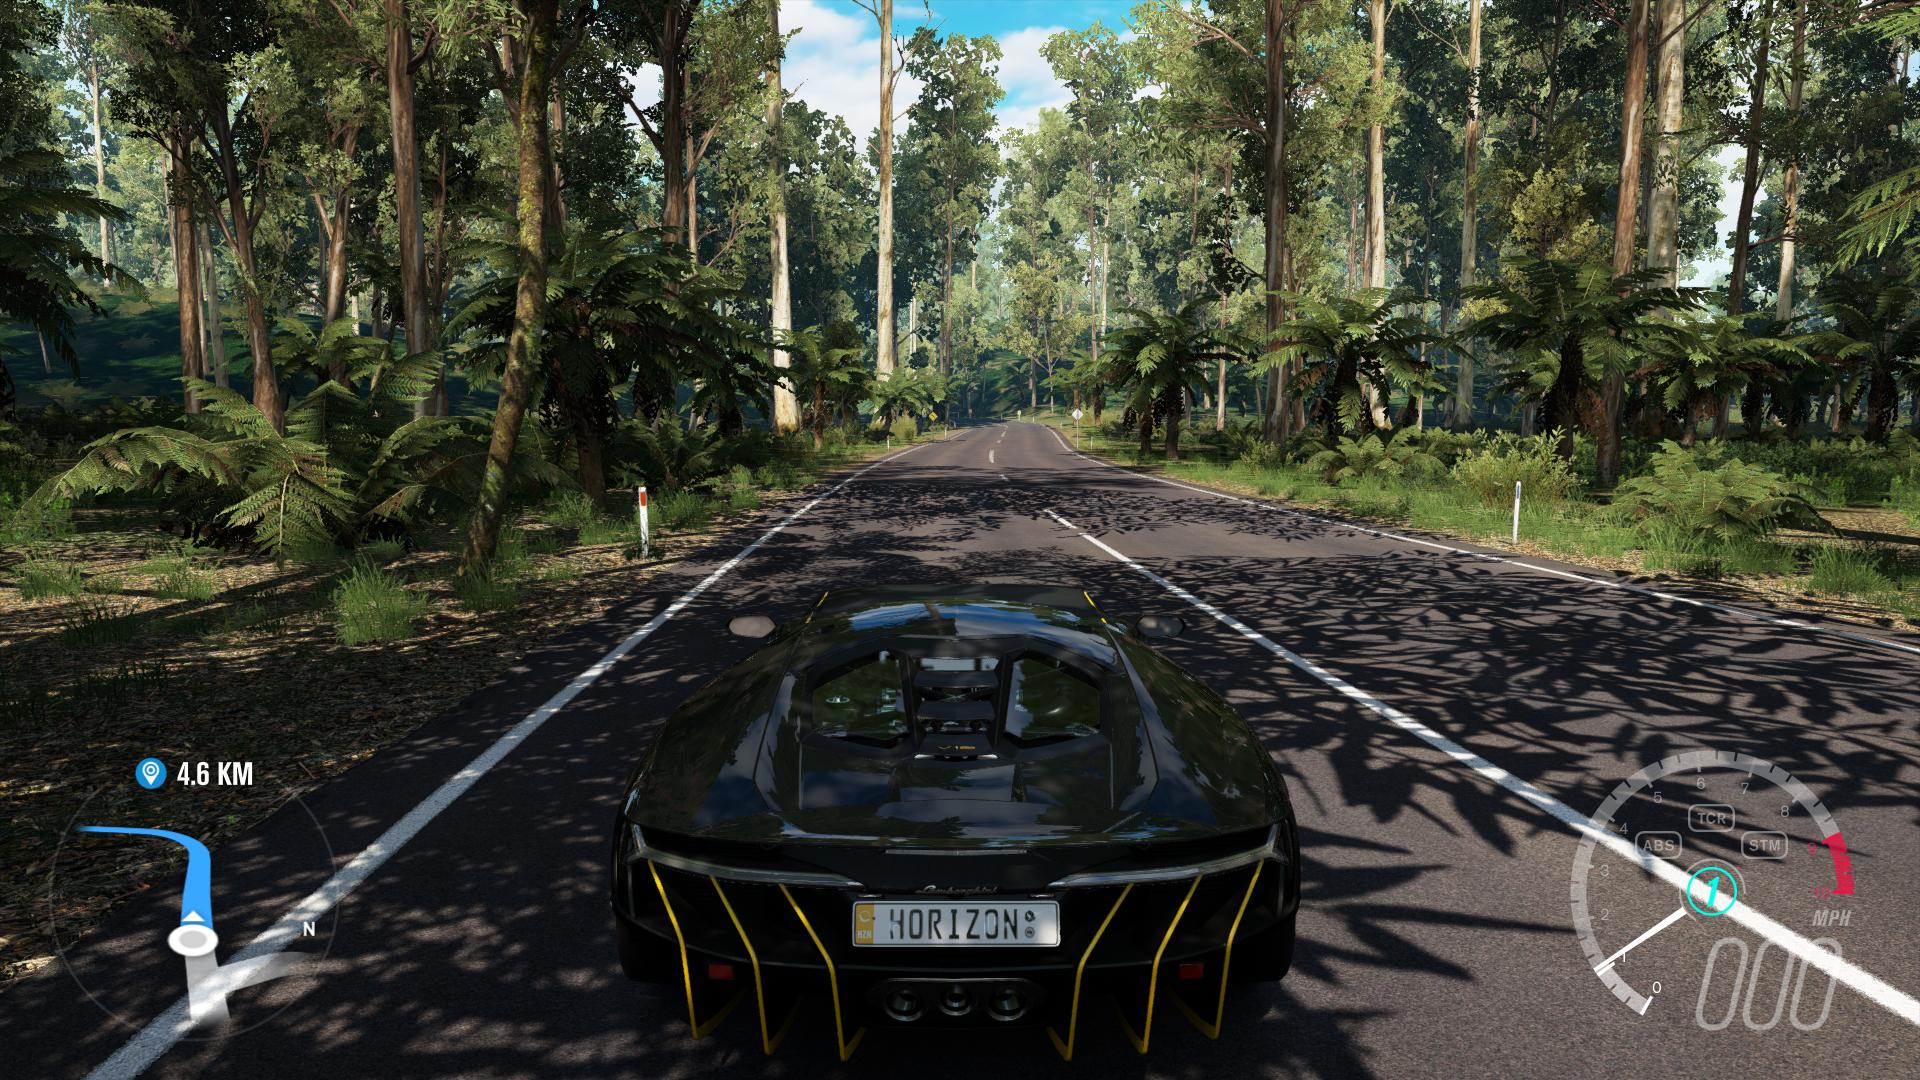 Nvidia & AMD GPUs Benchmarked In DirectX 12 Forza Horizon 3